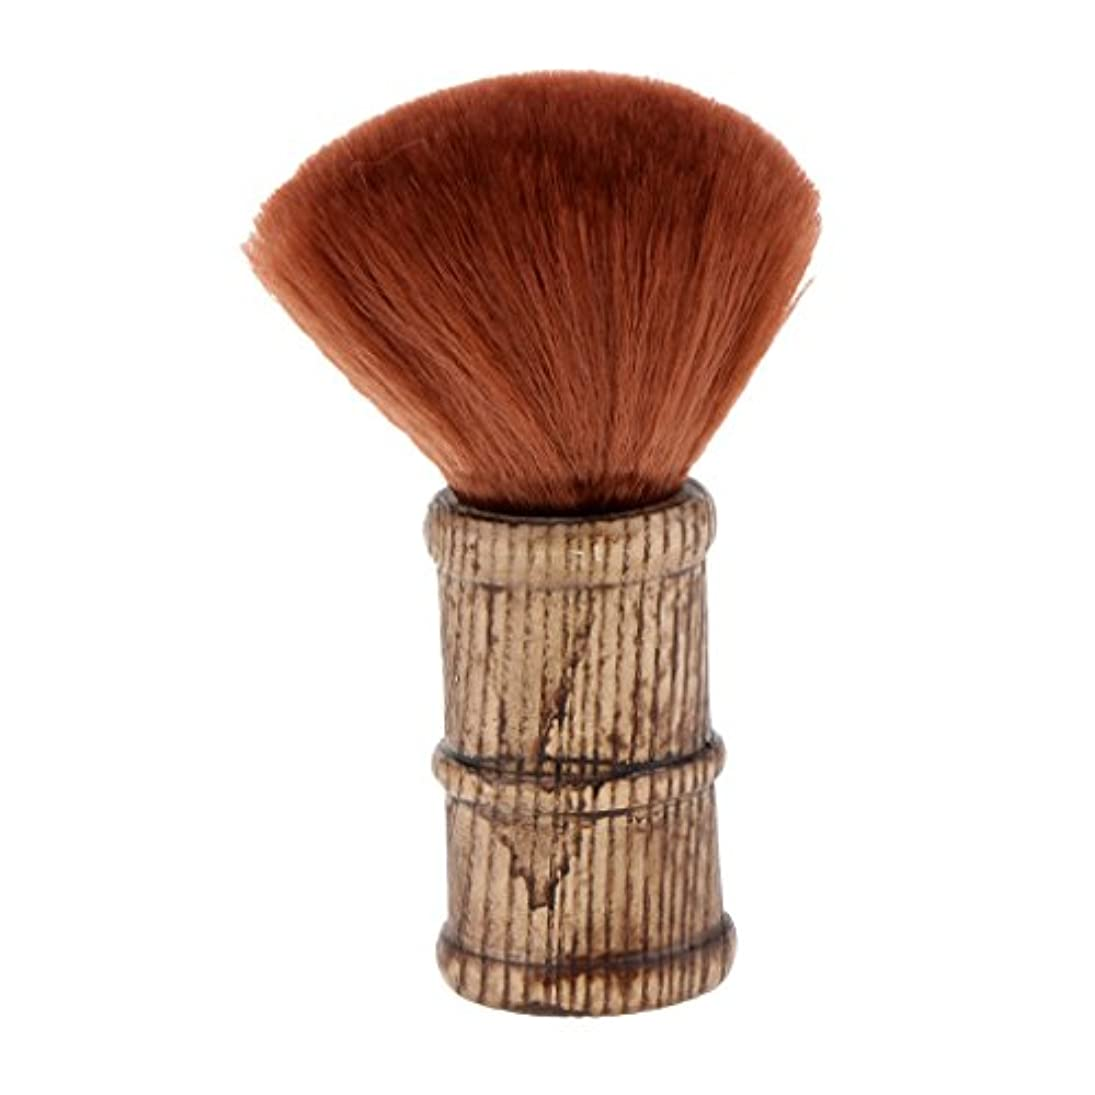 行くつかまえる差別化するヘアカット 散髪 クリーニングヘアブラシ ネックダスターブラシ ヘアスイープブラシ 2色選べる - 褐色